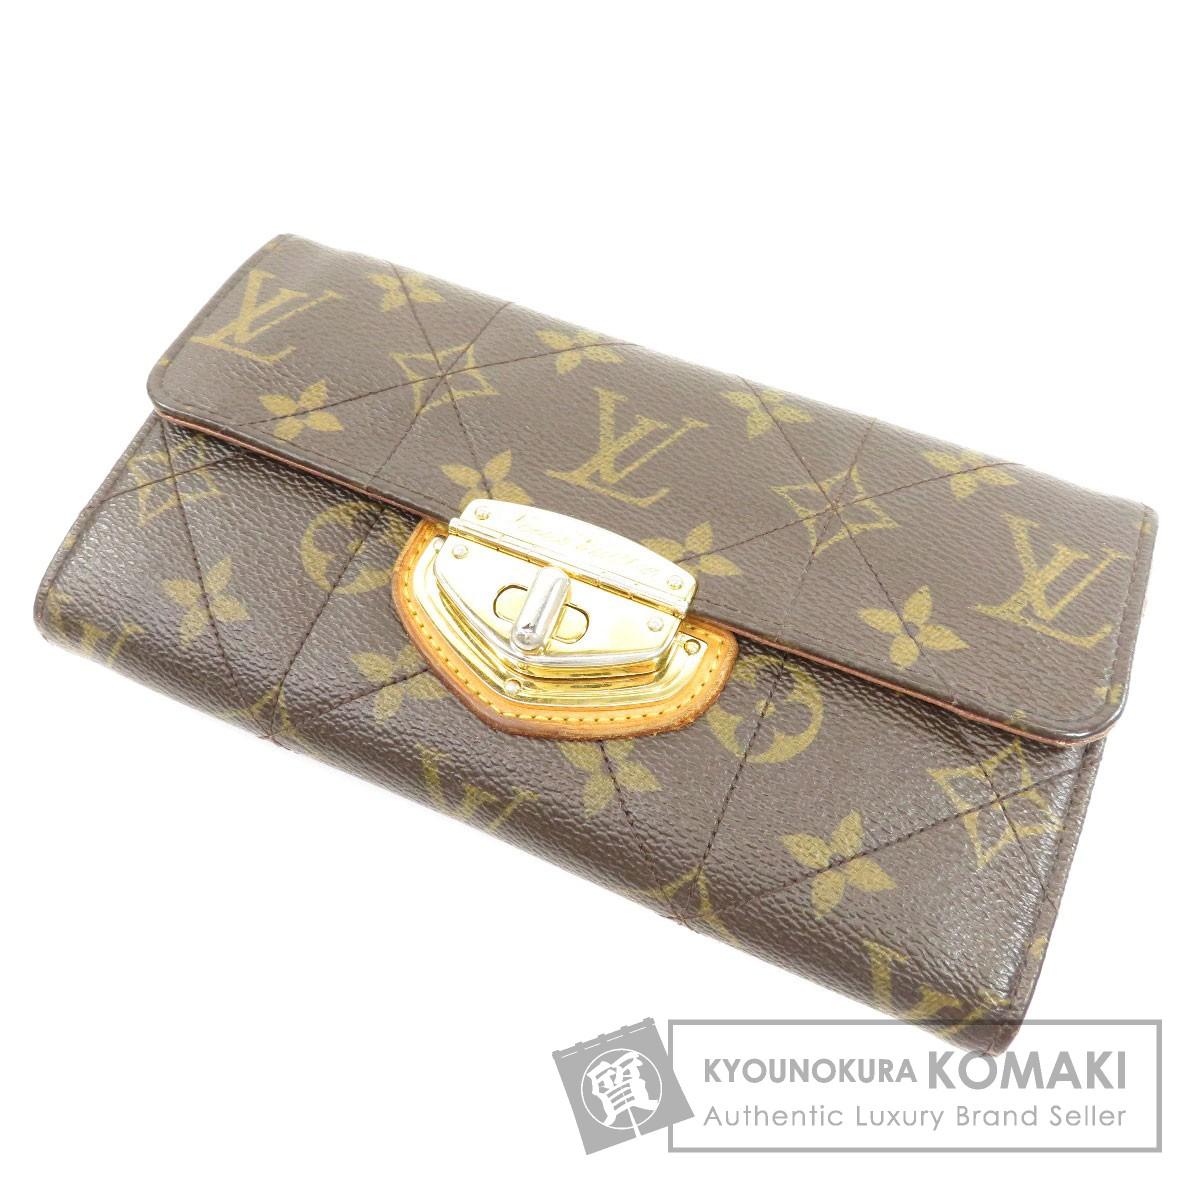 LOUIS VUITTON M66556 ポルトフォイユ サラ エトワール 長財布(小銭入れあり) モノグラムキャンバス レディース 【中古】【ルイ・ヴィトン】